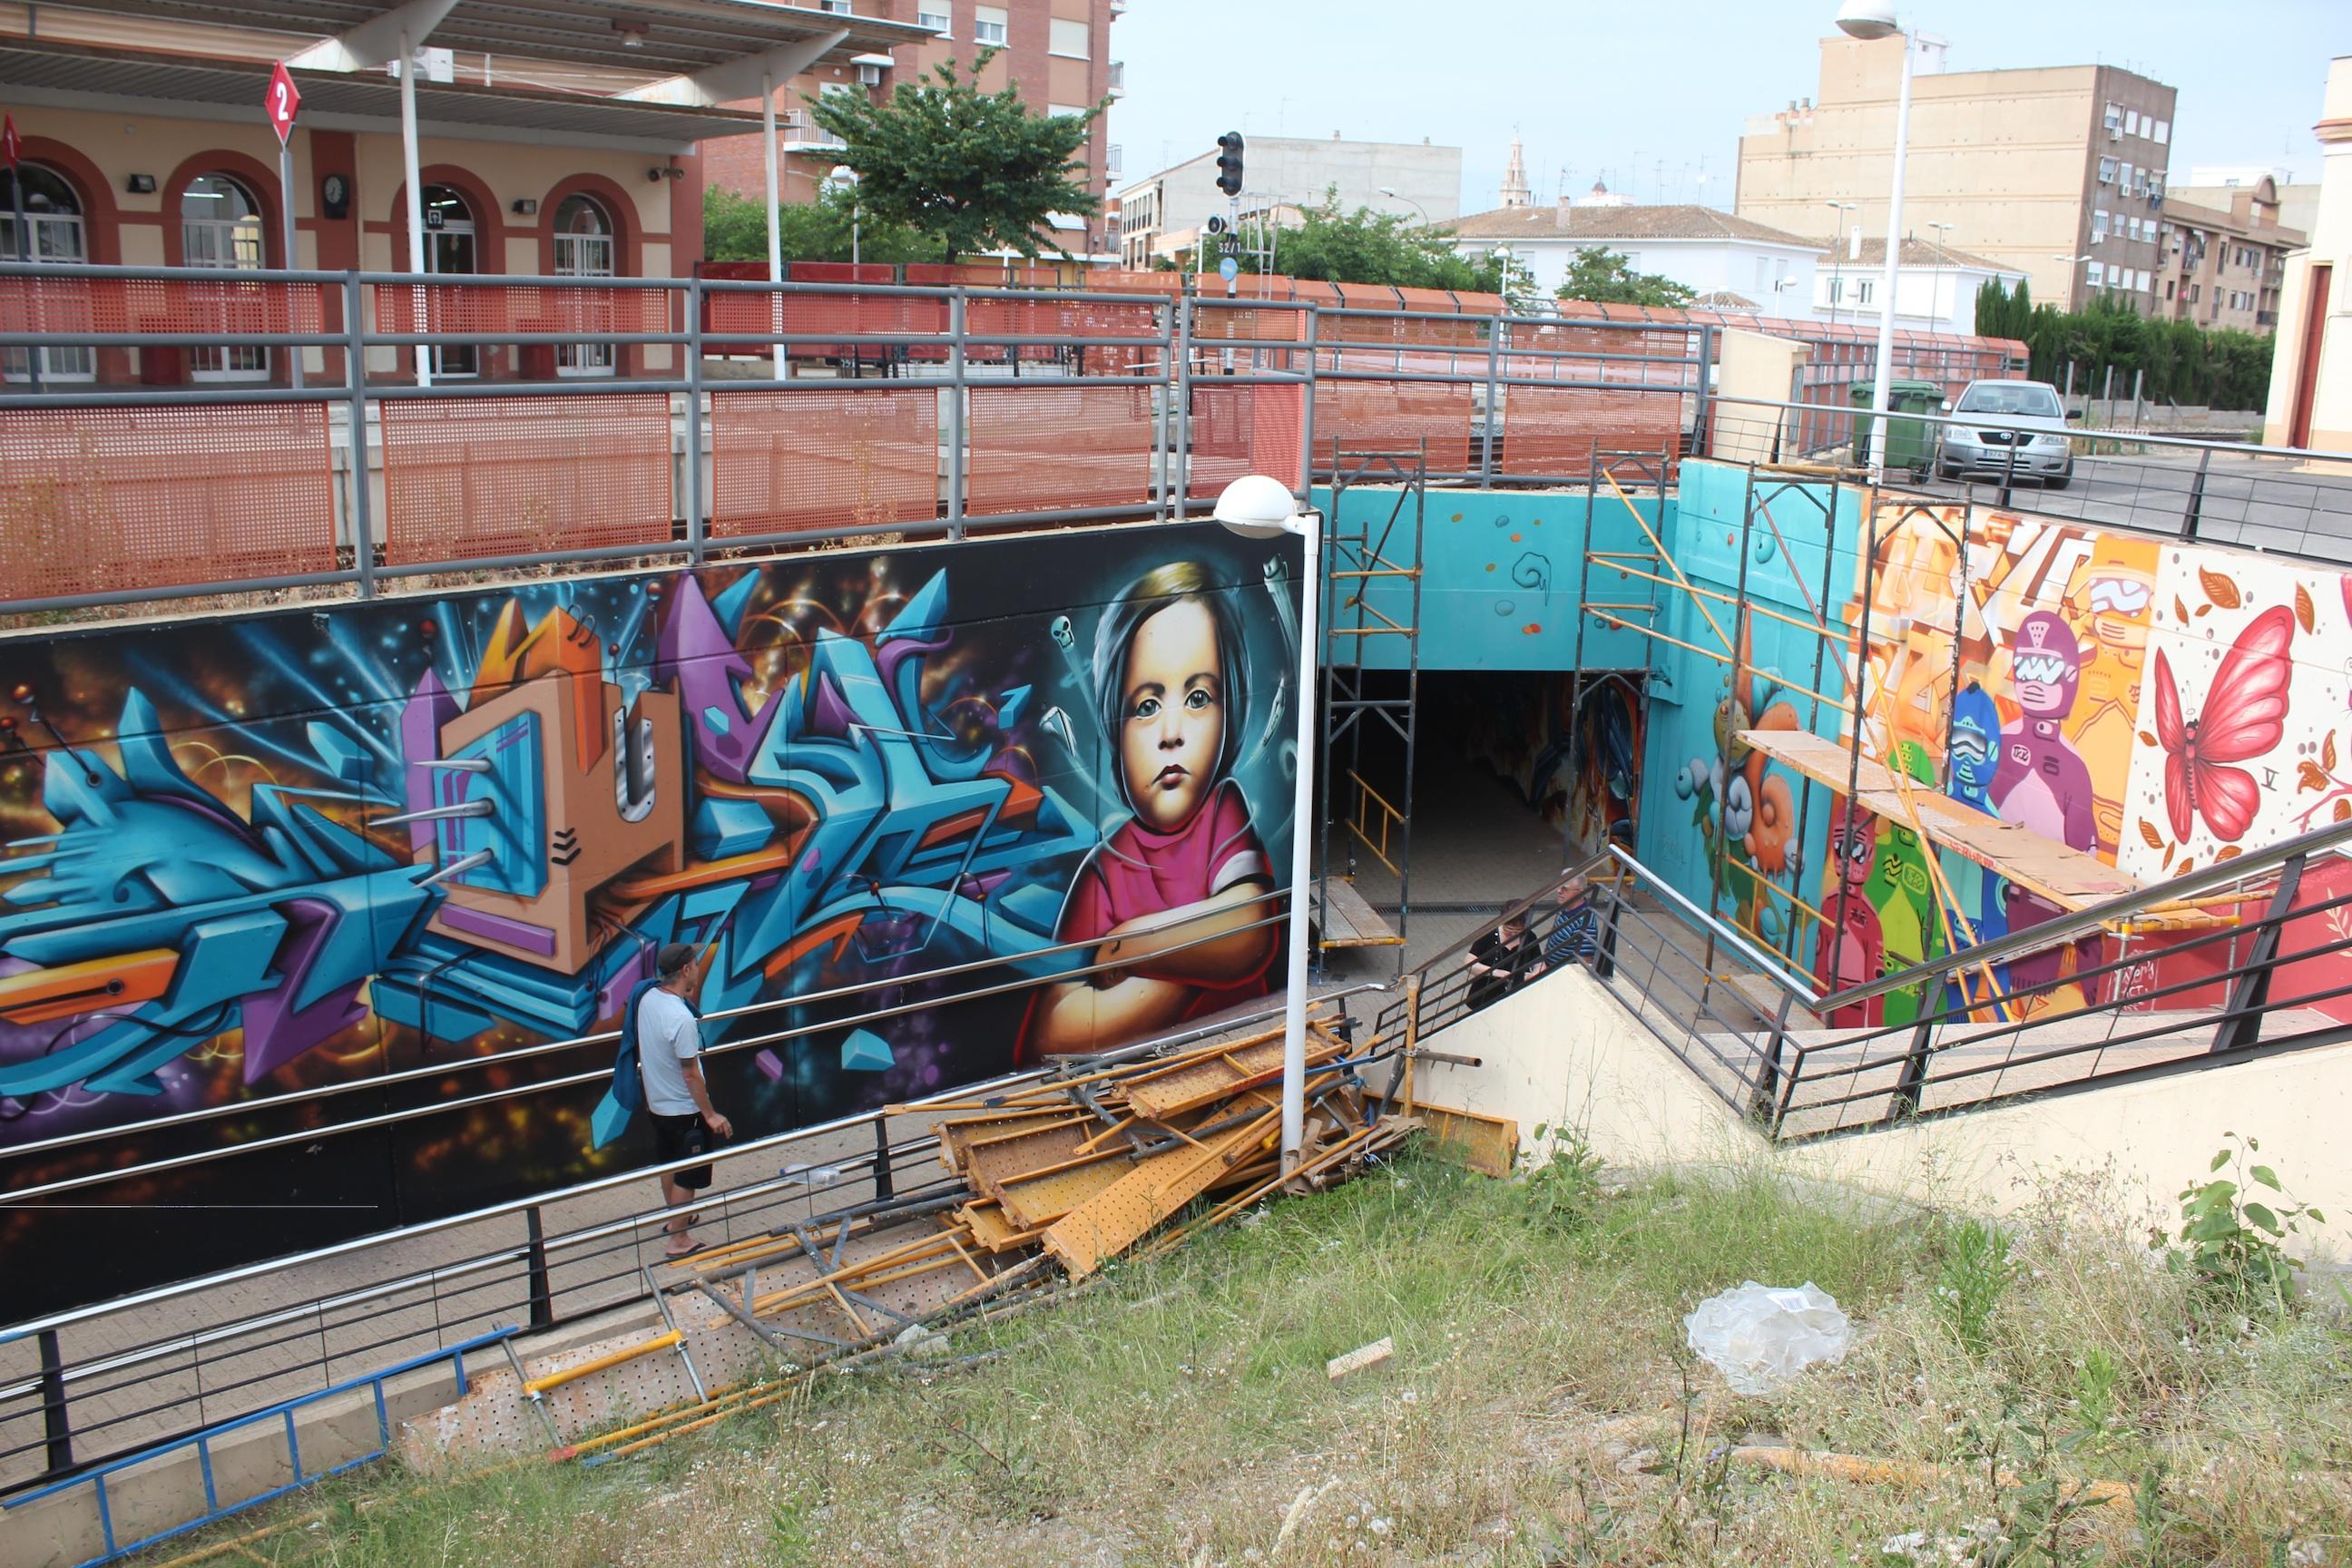 Uno de los graffitis realizados en Cheste. Foto: Javier Furió.